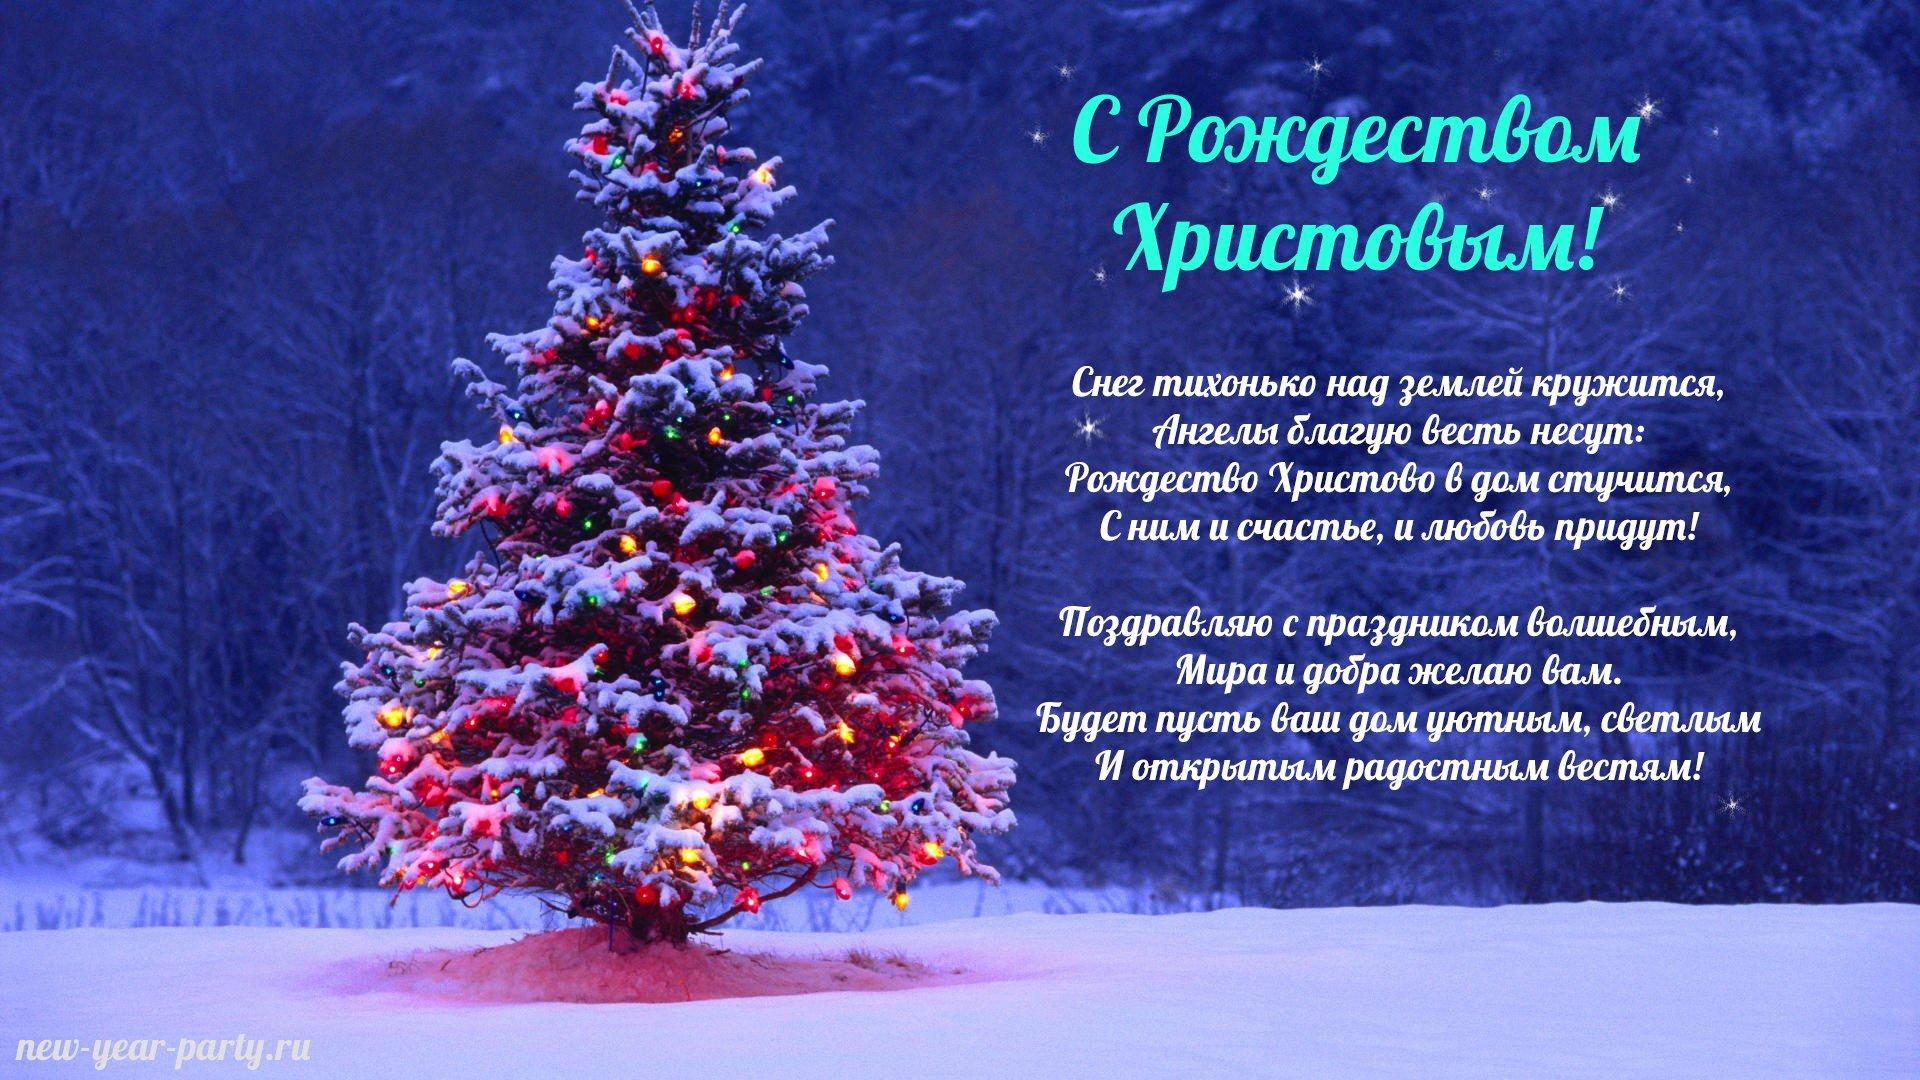 Что писать в открытке на рождество